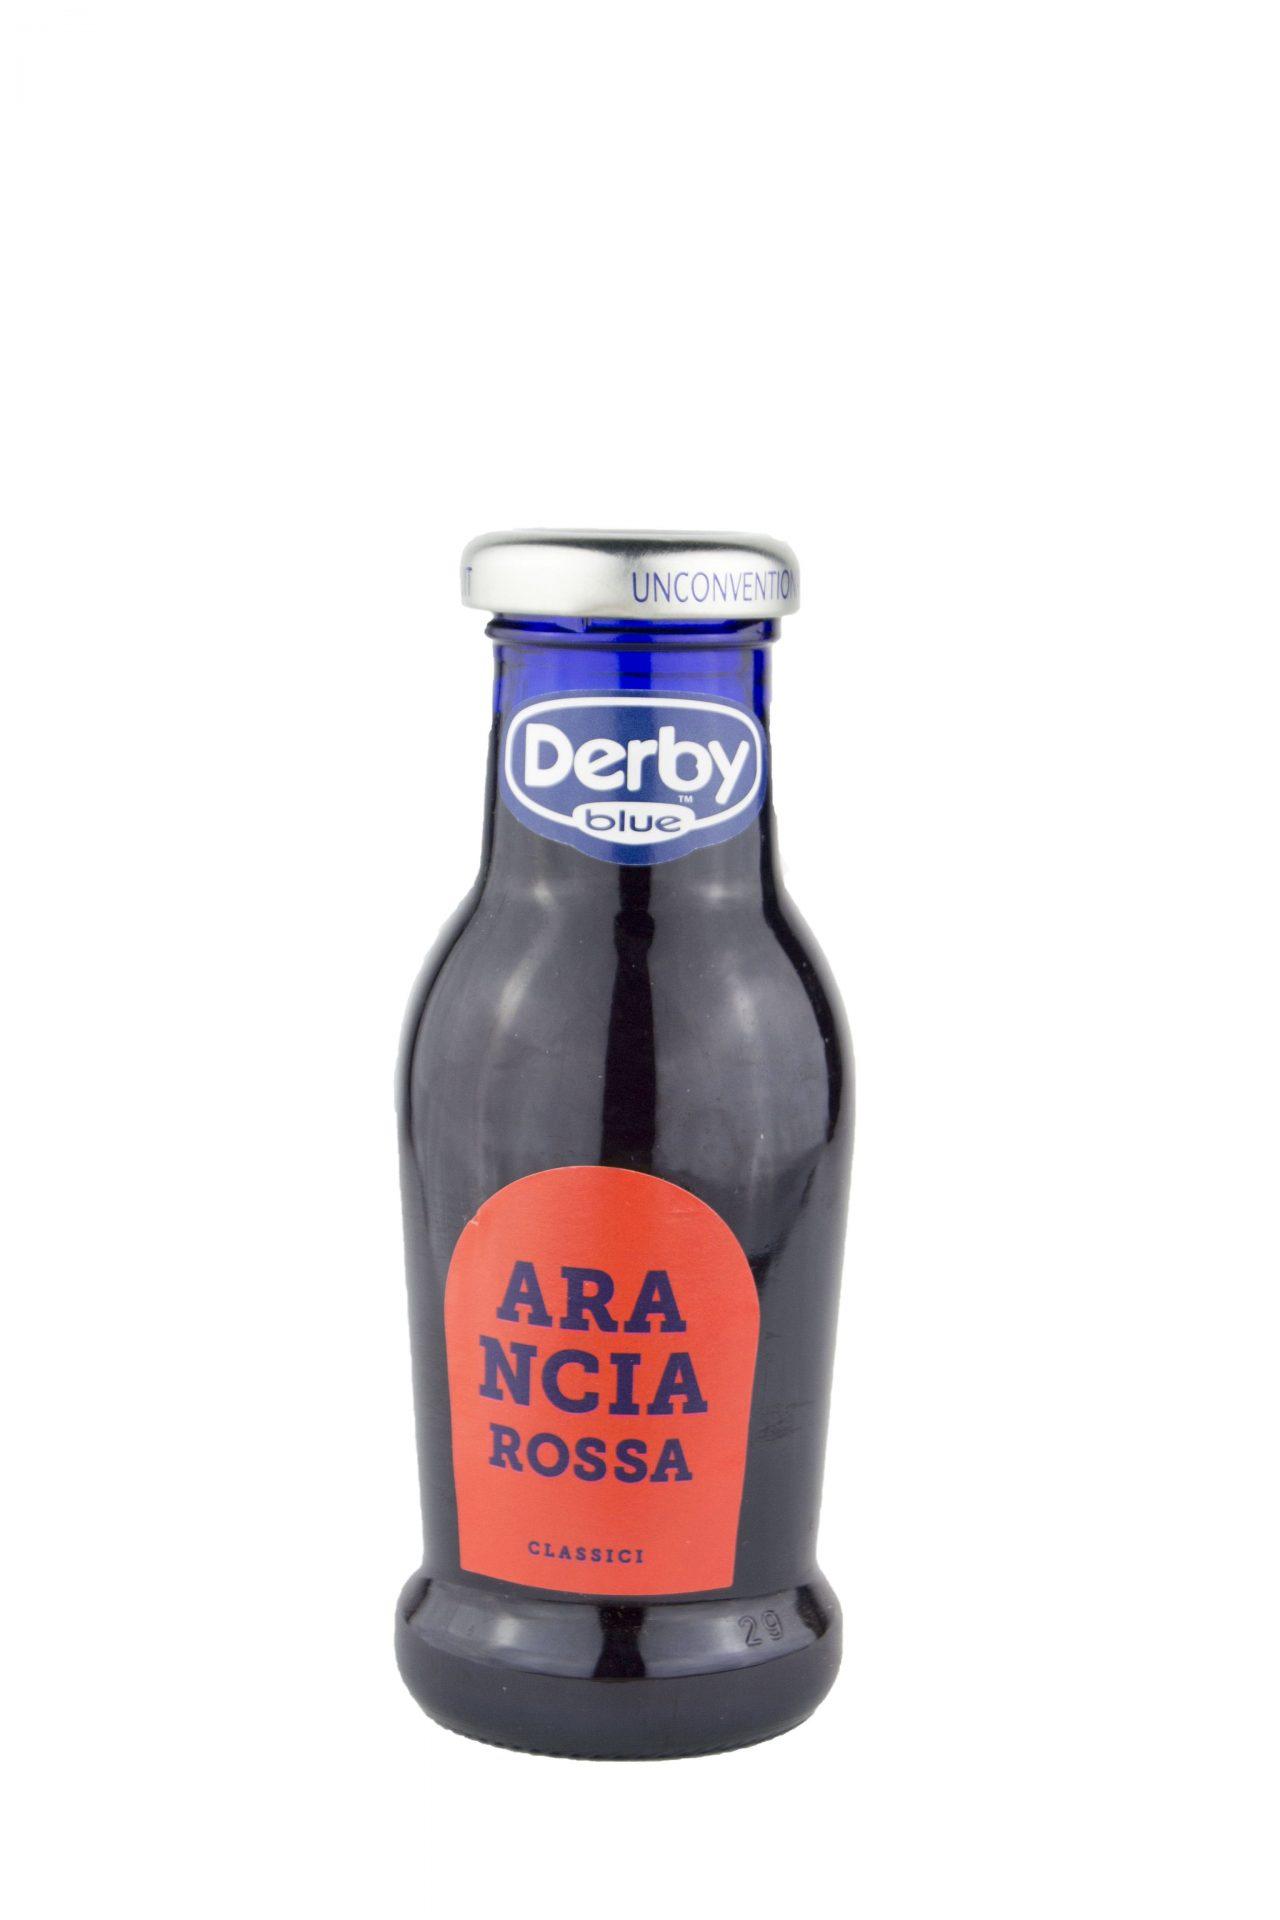 Derby – Arancia Rossa